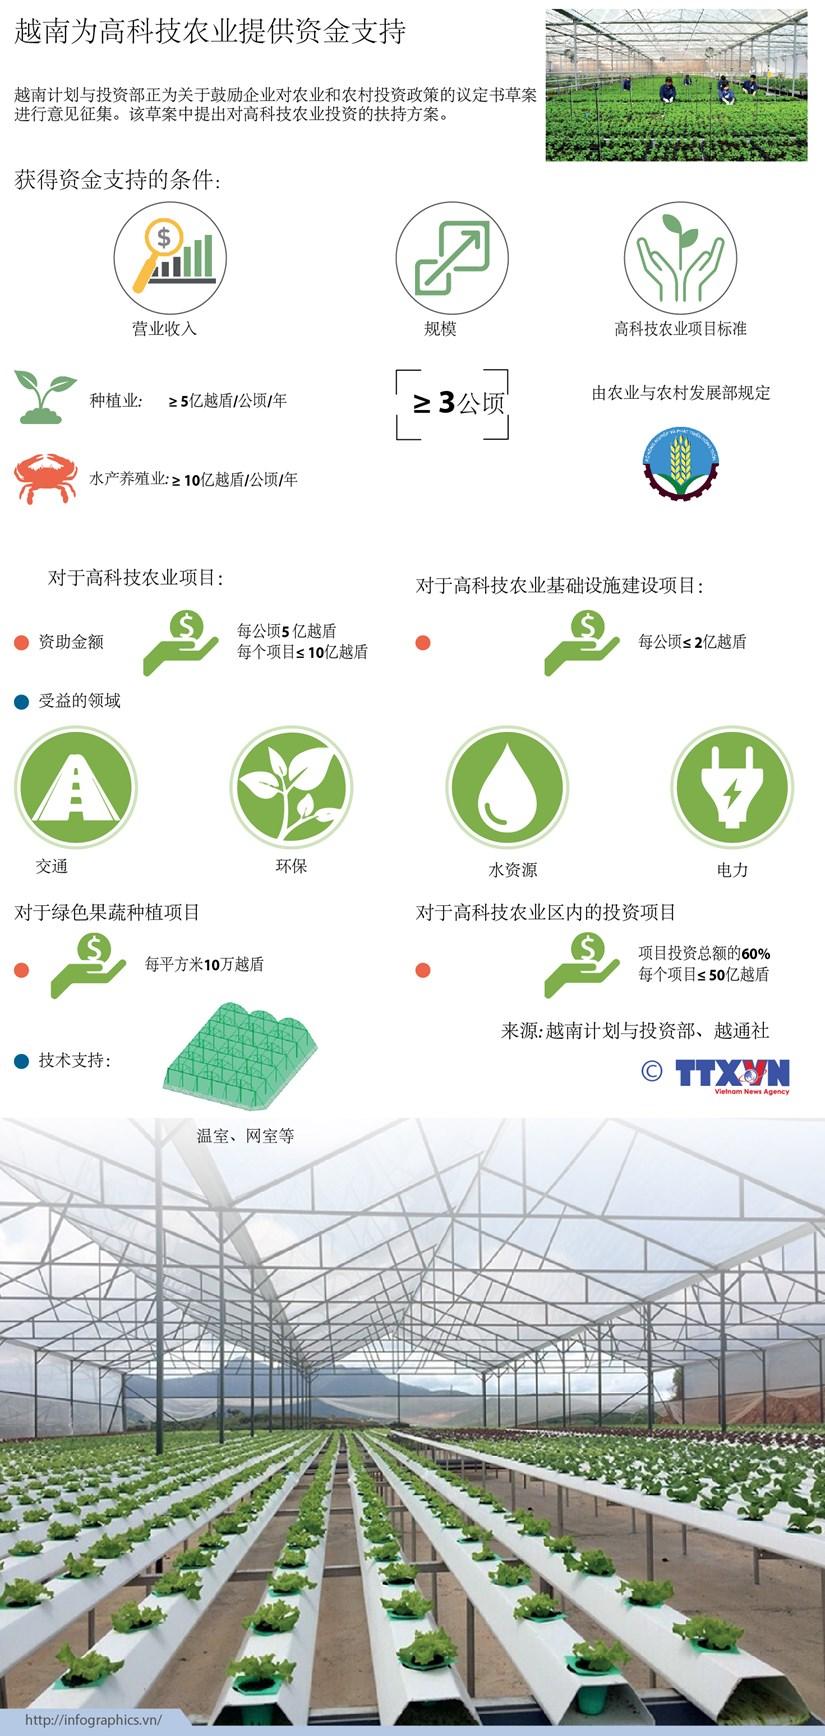 越南为高科技农业提供资金支持 hinh anh 1